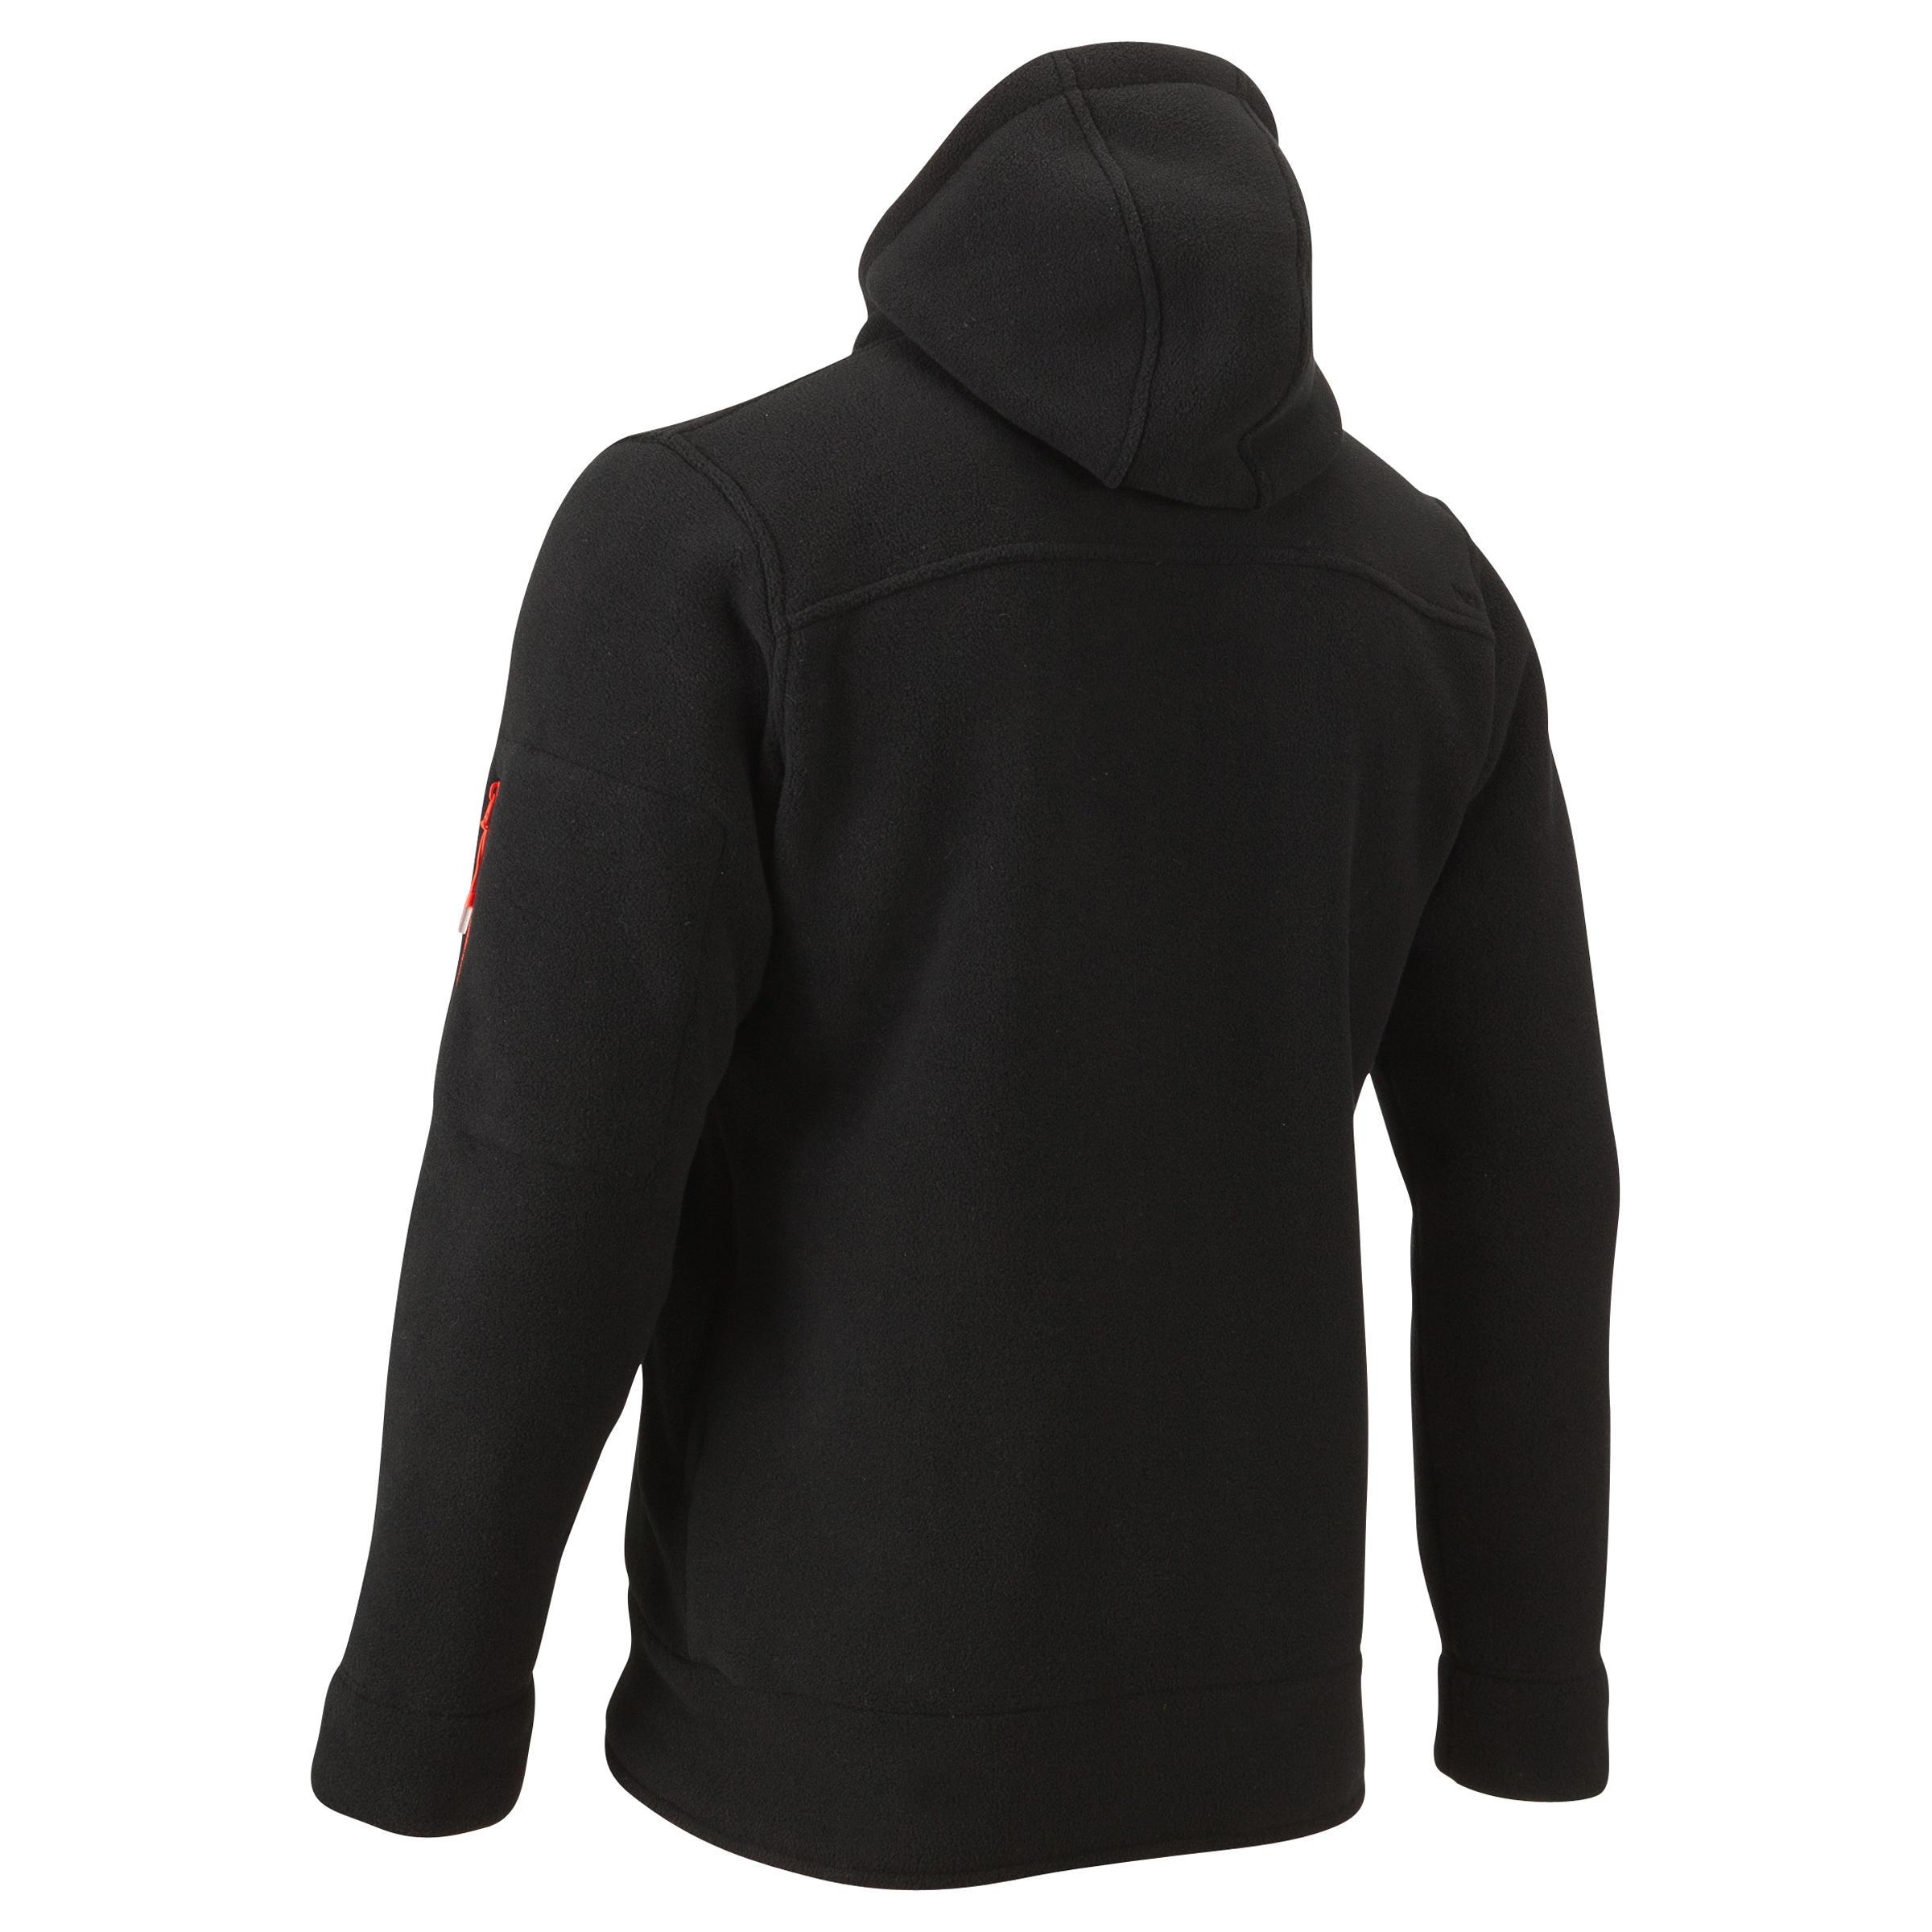 Randonnée De Polaire Neige Veste Warm Noire Homme Sh100 Ultra ESqUxn